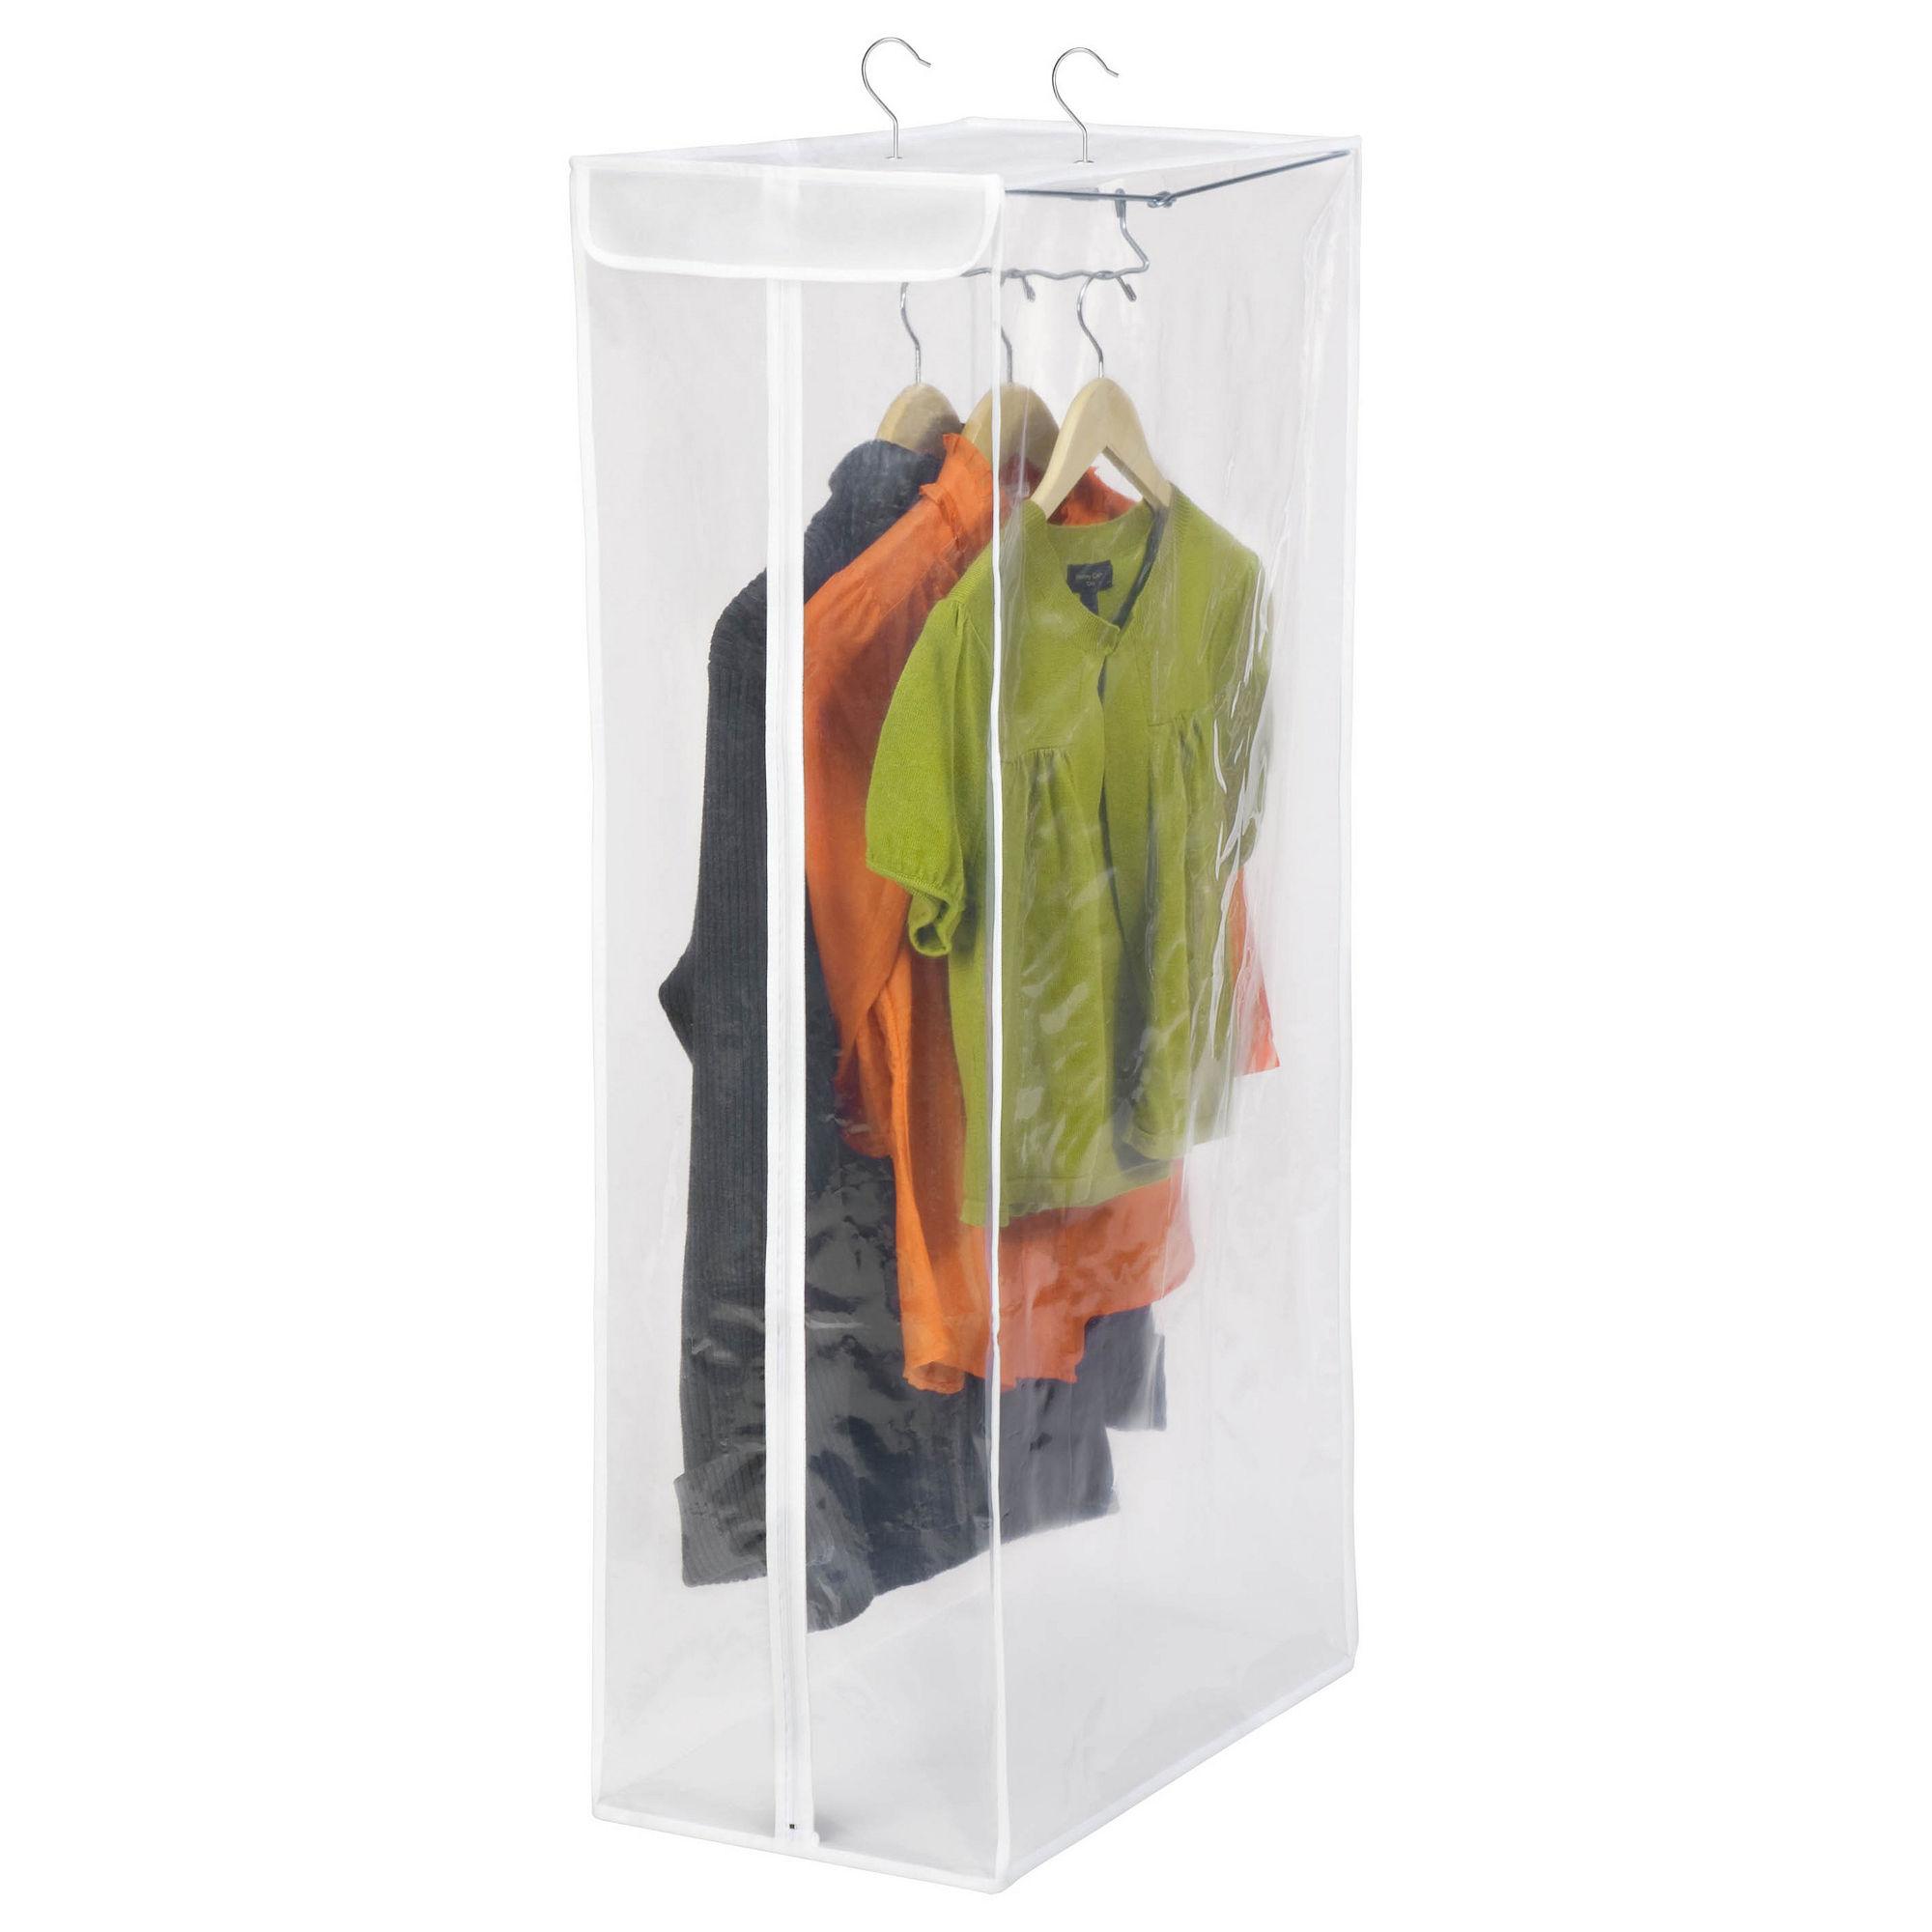 Honey-Can-Do Short PEVA Garment Bag